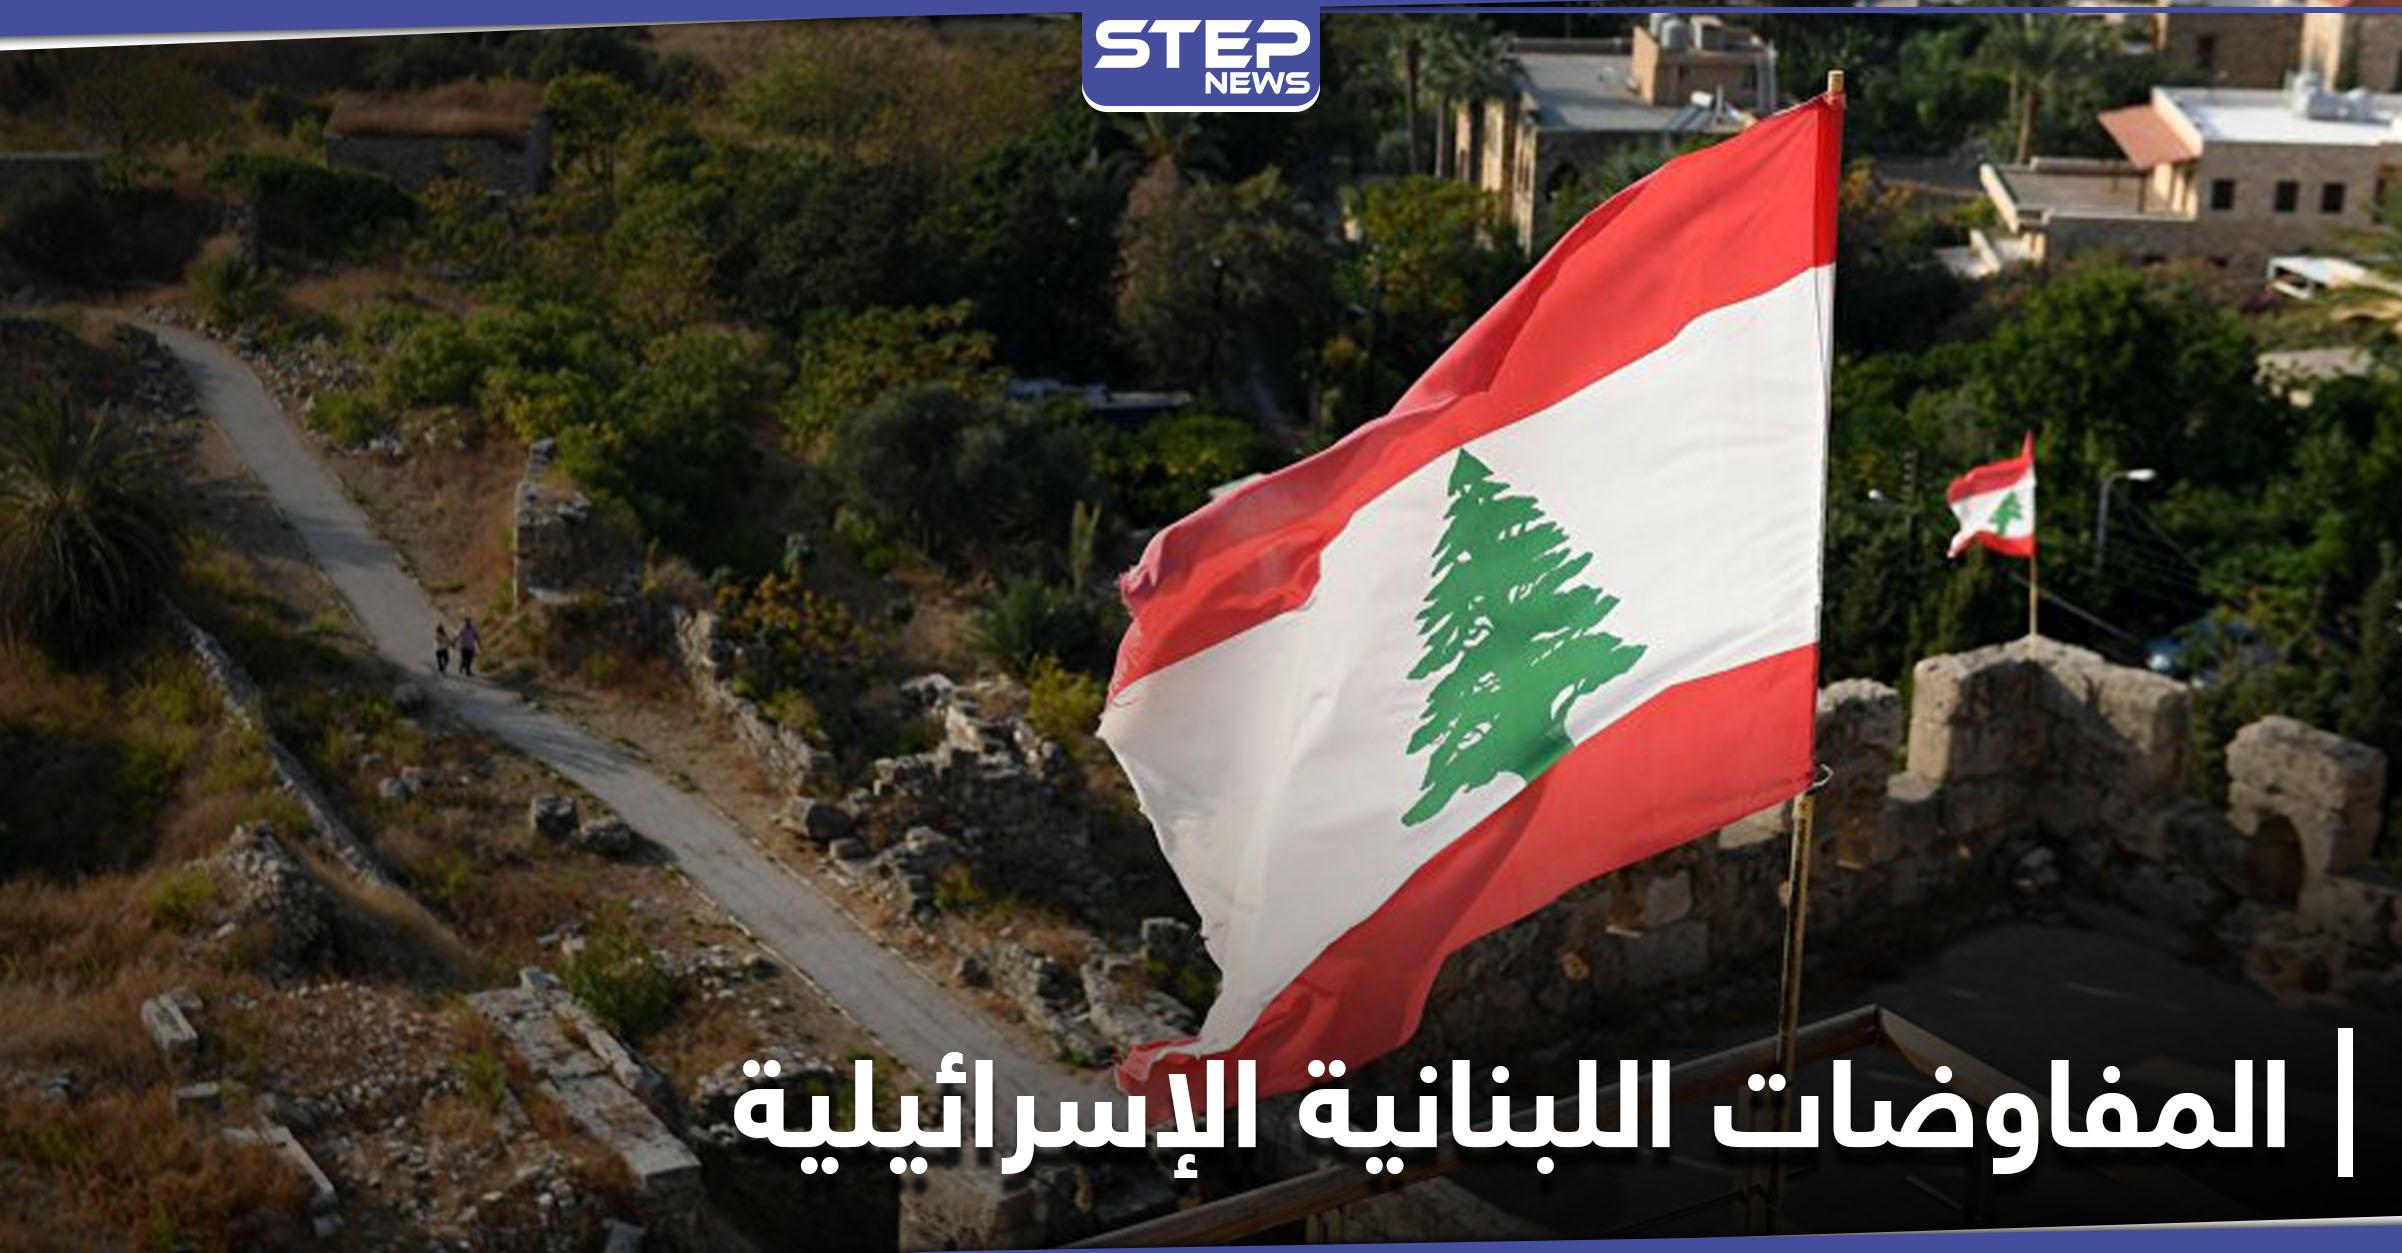 اجتماع استثنائي برعاية أممية بين لبنان وإسرائيل قبيل جولة ترسيم الحدود الثانية